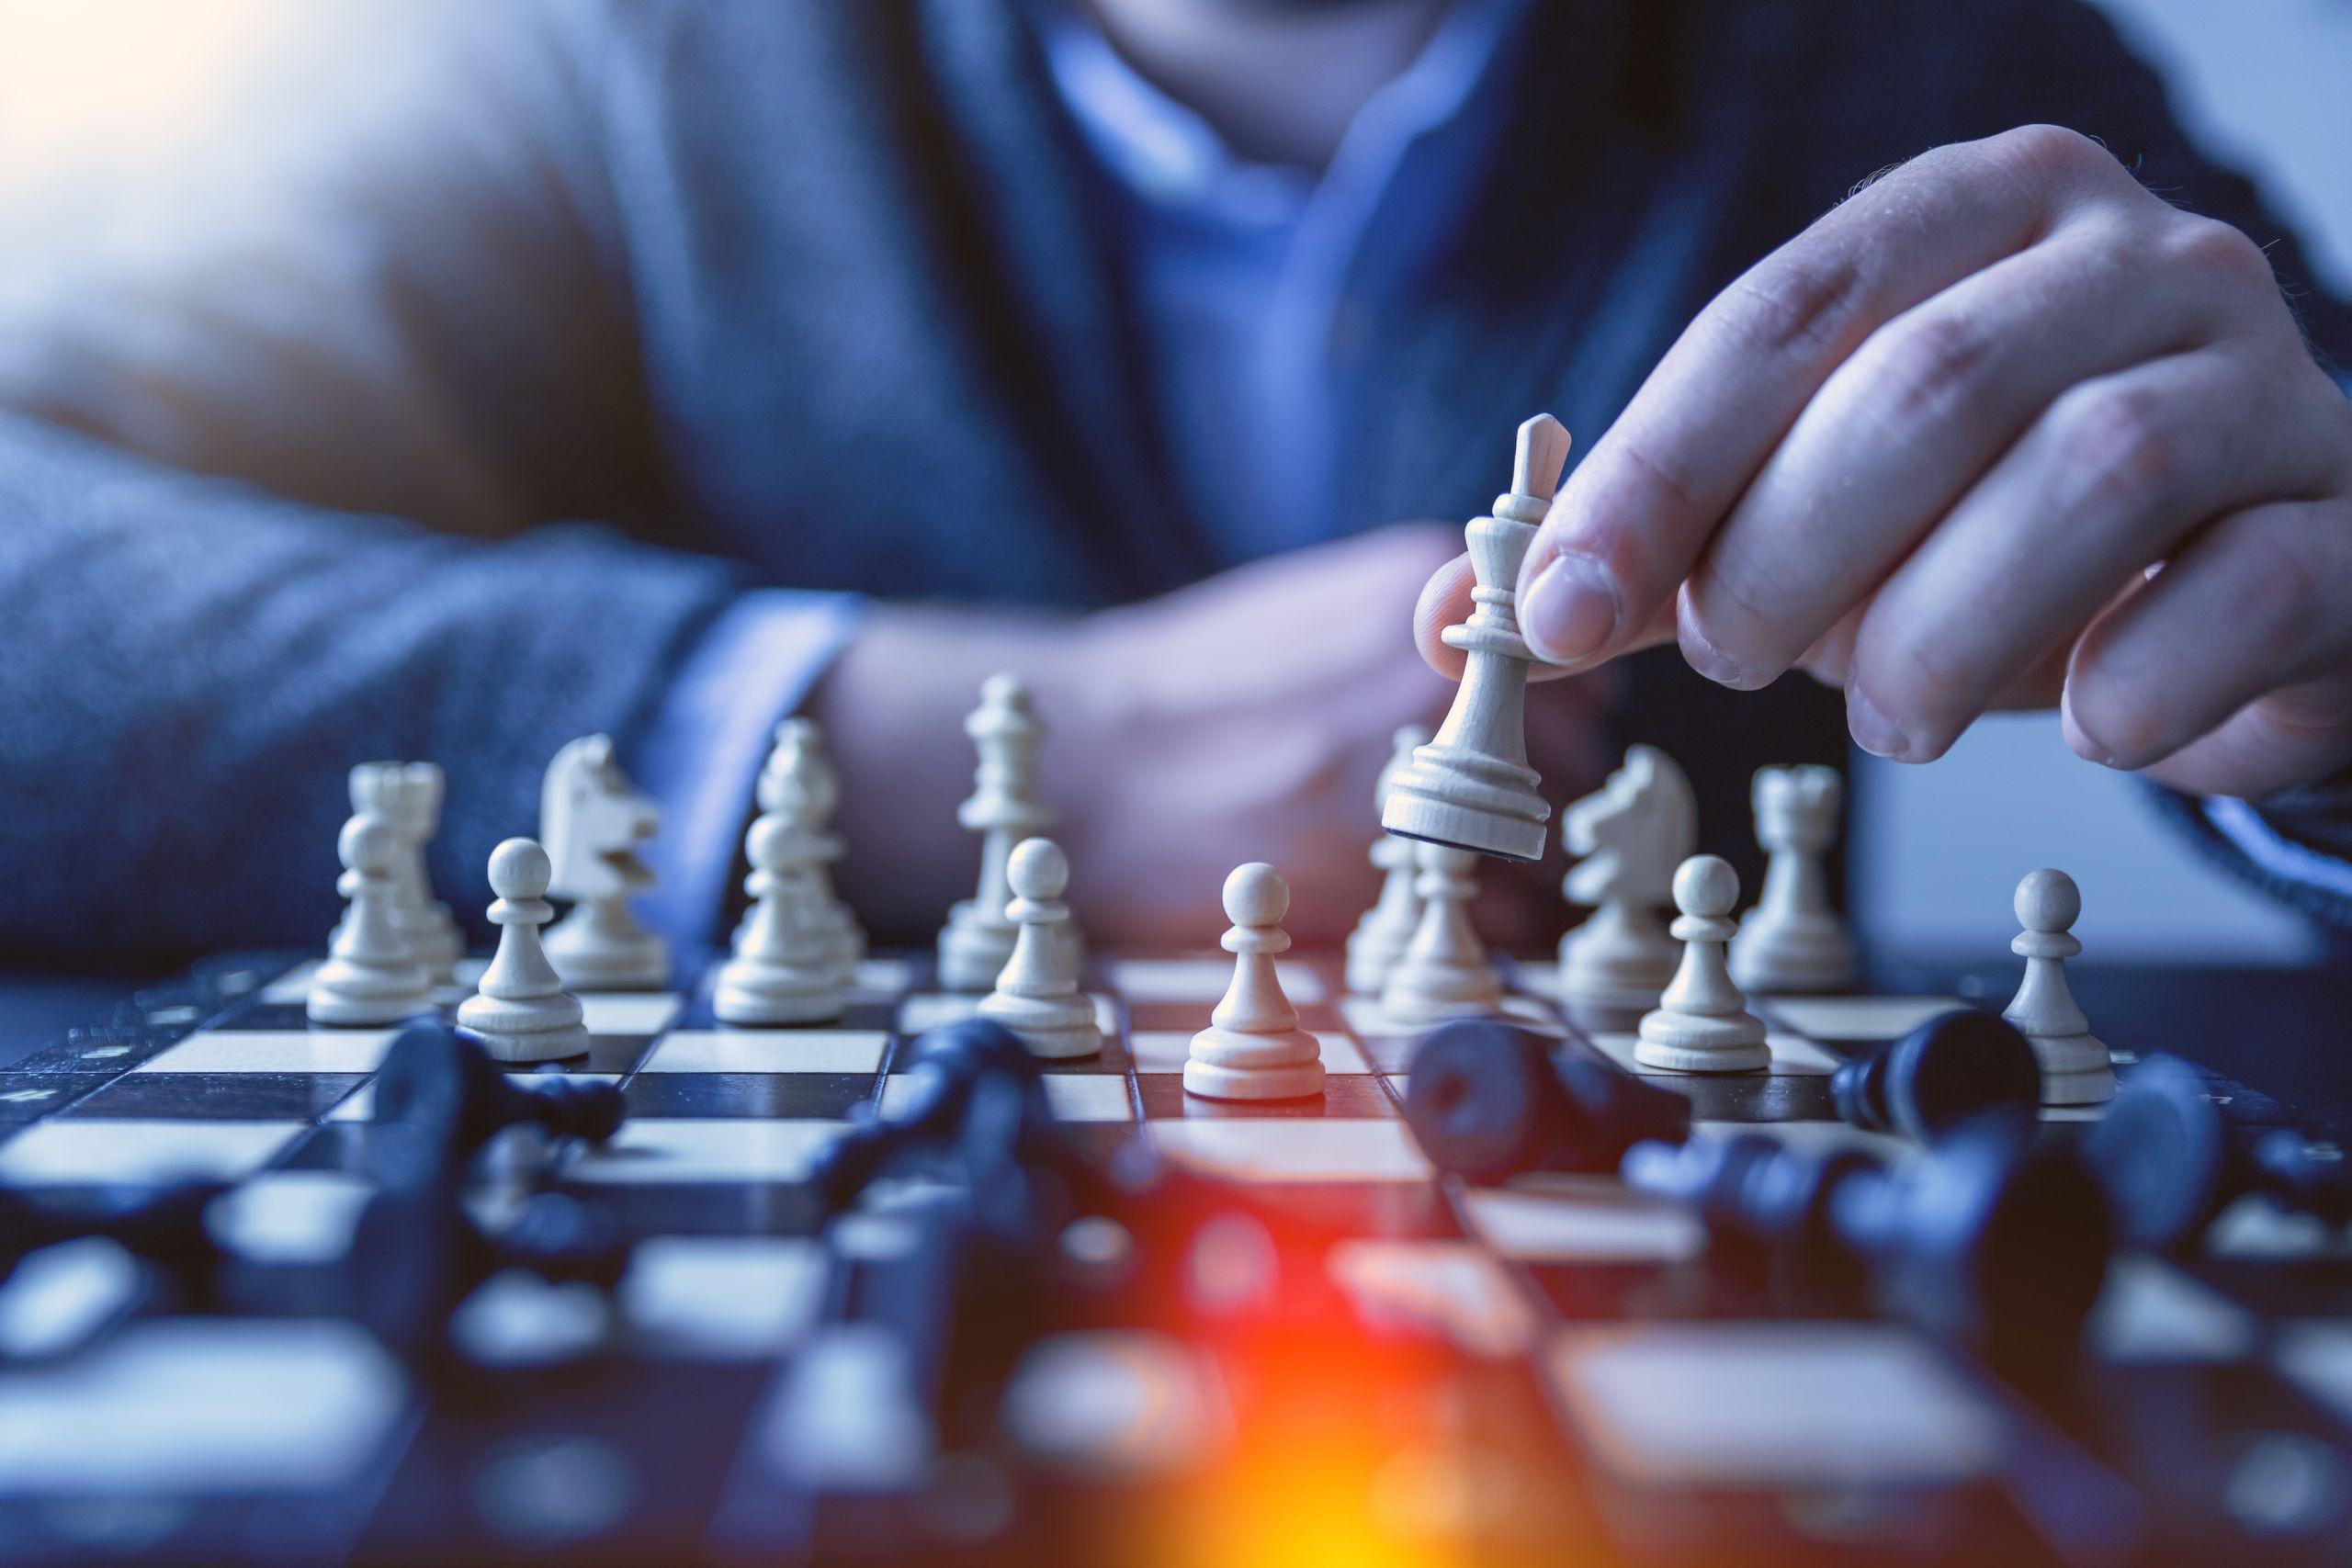 Stratégie & Réflexions pour Développer ton Business d'Expert en 2020